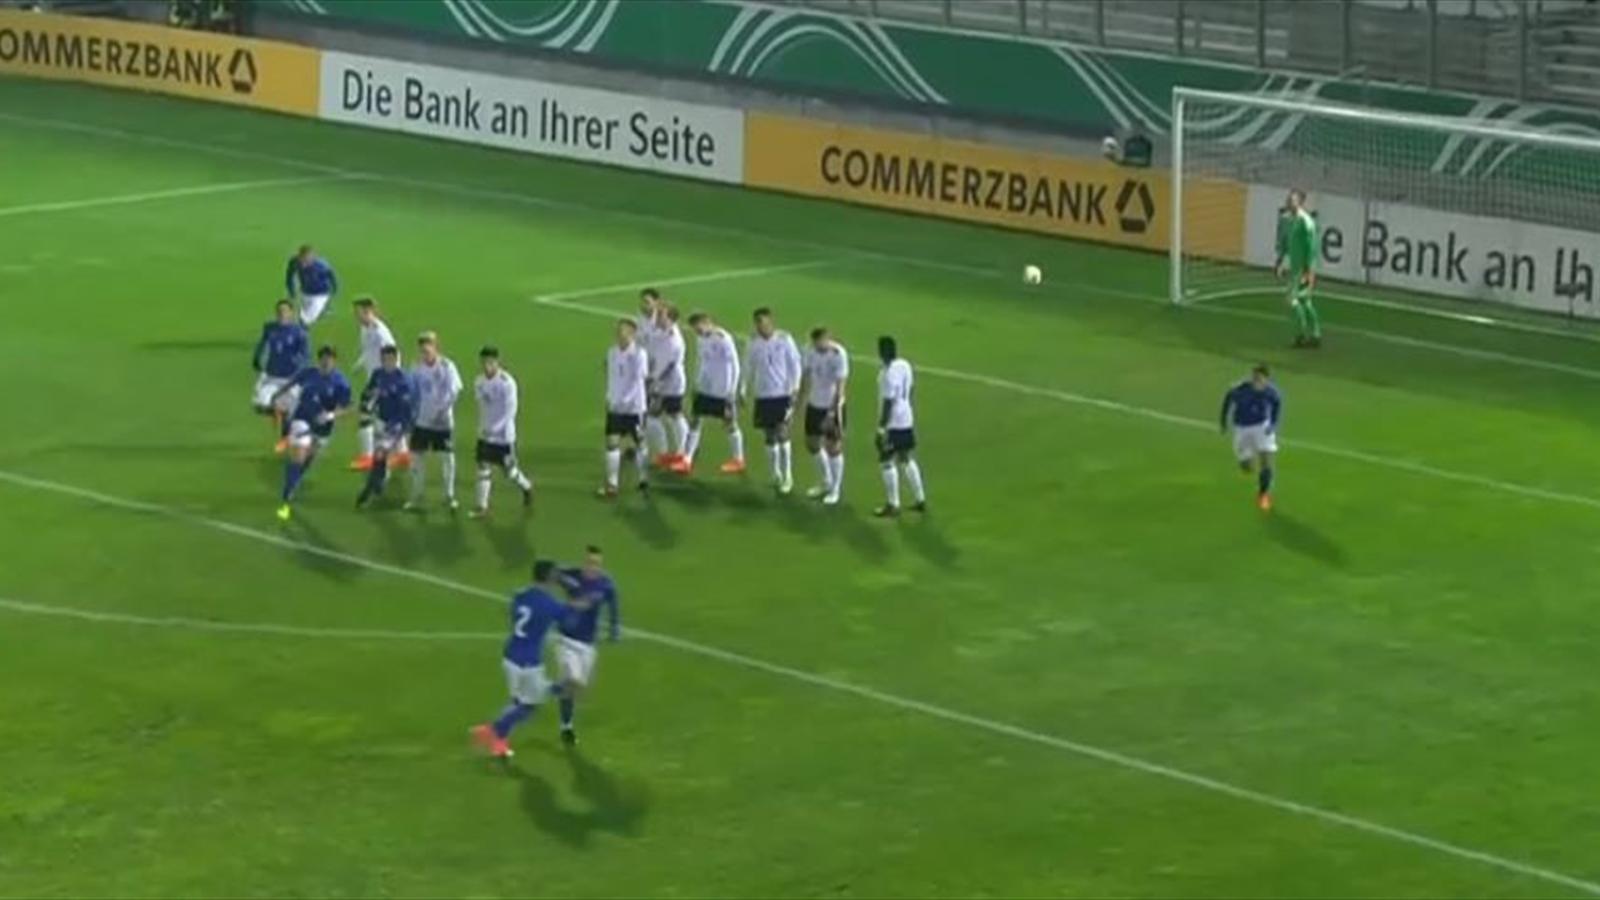 deutschland italien fußball ergebnisse